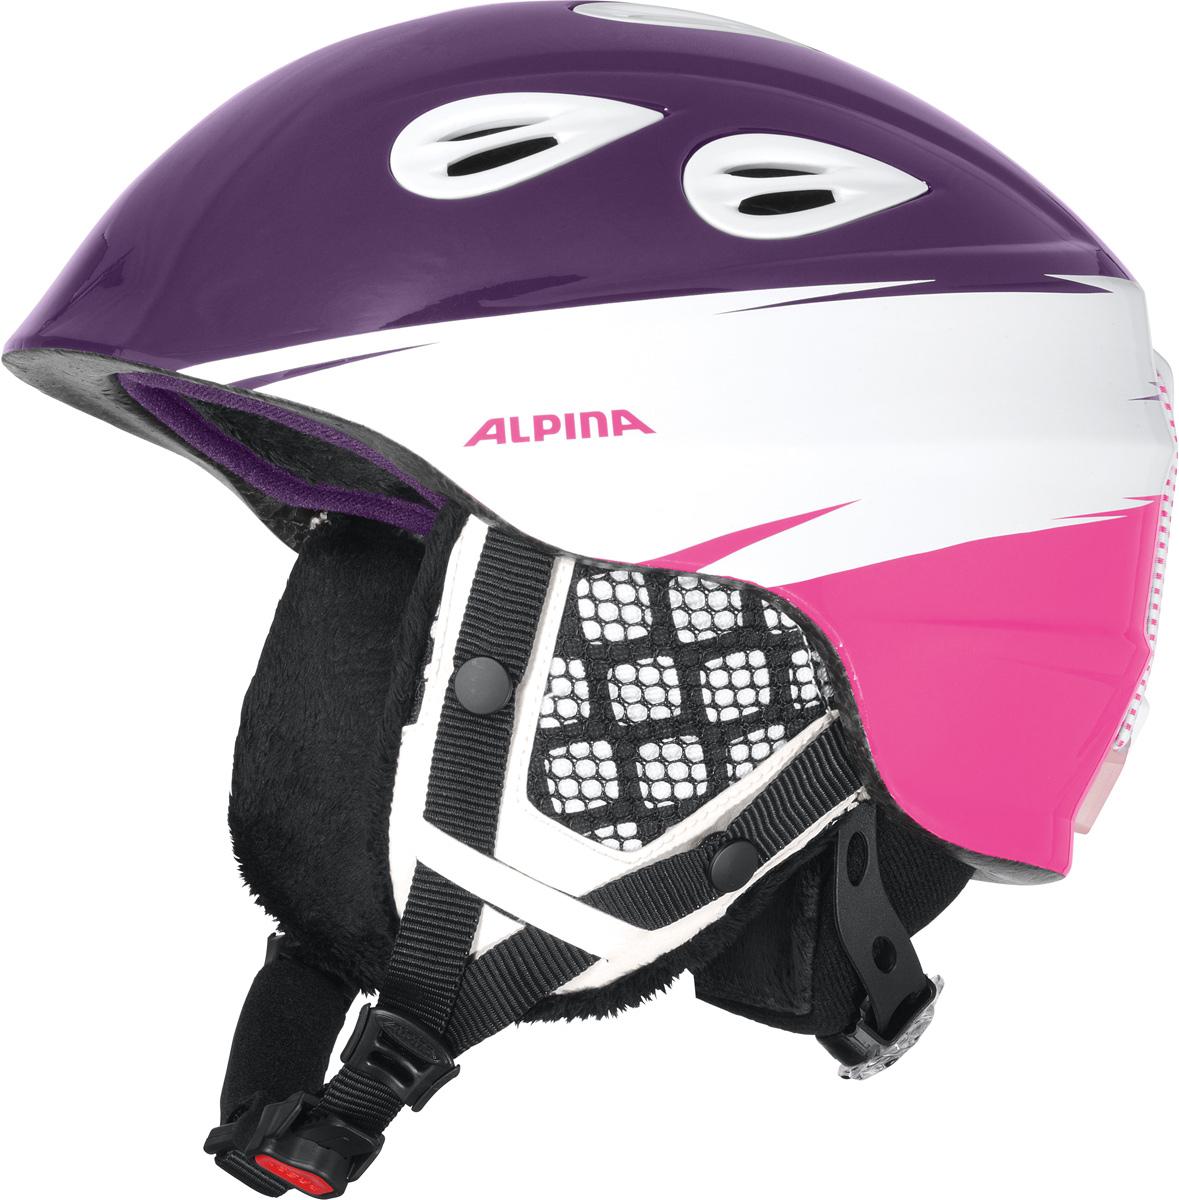 Шлем горнолыжный Alpina GRAP 2.0 JR violet-pink. Размер 54-57A9086_56Детская версия популярнейшего шлема Alpina Grap 2.0, сохранившая все технические преимущества взрослой модели.• Вентиляционные отверстия препятствуют перегреву и позволяют поддерживать идеальную температуру внутри шлема. Для этого инженеры Alpina используют эффект Вентури, чтобы сделать циркуляцию воздуха постоянной и максимально эффективной• Съемные ушки-амбушюры можно снять за секунду и сложить в карман лыжной куртки. Если вы наслаждаетесь катанием в начале апреля, такая возможность должна вас порадовать. А когда температура снова упадет - щелк и вкладыш снова на месте!• Внутренник шлема легко вынимается, стирается, сушится и вставляется обратно• Прочная и лёгкая конструкция In-mold. Тонкая и прочная поликарбонатная оболочка под воздействием высокой температуры и давления буквально сплавляется с гранулами EPS, которые гасят ударную нагрузку.• Внутренная оболочка каждого шлема Alpina состоит из гранул HI-EPS (сильно вспененного полистирола). Микроскопические воздушные карманы эффективно поглощают ударную нагрузку и обеспечивают высокую теплоизоляцию. Эта технология позволяет достичь минимальной толщины оболочки. А так как гранулы HI-EPS не впитывают влагу, их защитный эффект не ослабевает со временем.• Из задней части шлема можно достать шейный утеплитель из мякого микро-флиса. Этот теплый воротник также защищает шею от ударов на высокой скорости и при сибирских морозах. В удобной конструкции отсутствуют точки давления на шею• Вместо фастекса на ремешке используется красная кнопка с автоматическим запирающим механизмом, которую легко использовать даже в лыжных перчатках. Механизм защищён от произвольного раскрытия при падении• Ручка регулировки Run System Classic в задней части шлема позволяет за мгновение комфортно усадить шлем на затылке• Y-образный ремнераспределитель двух ремешков находится под ухом и обеспечивает быструю и точную посадку шлема на голове.